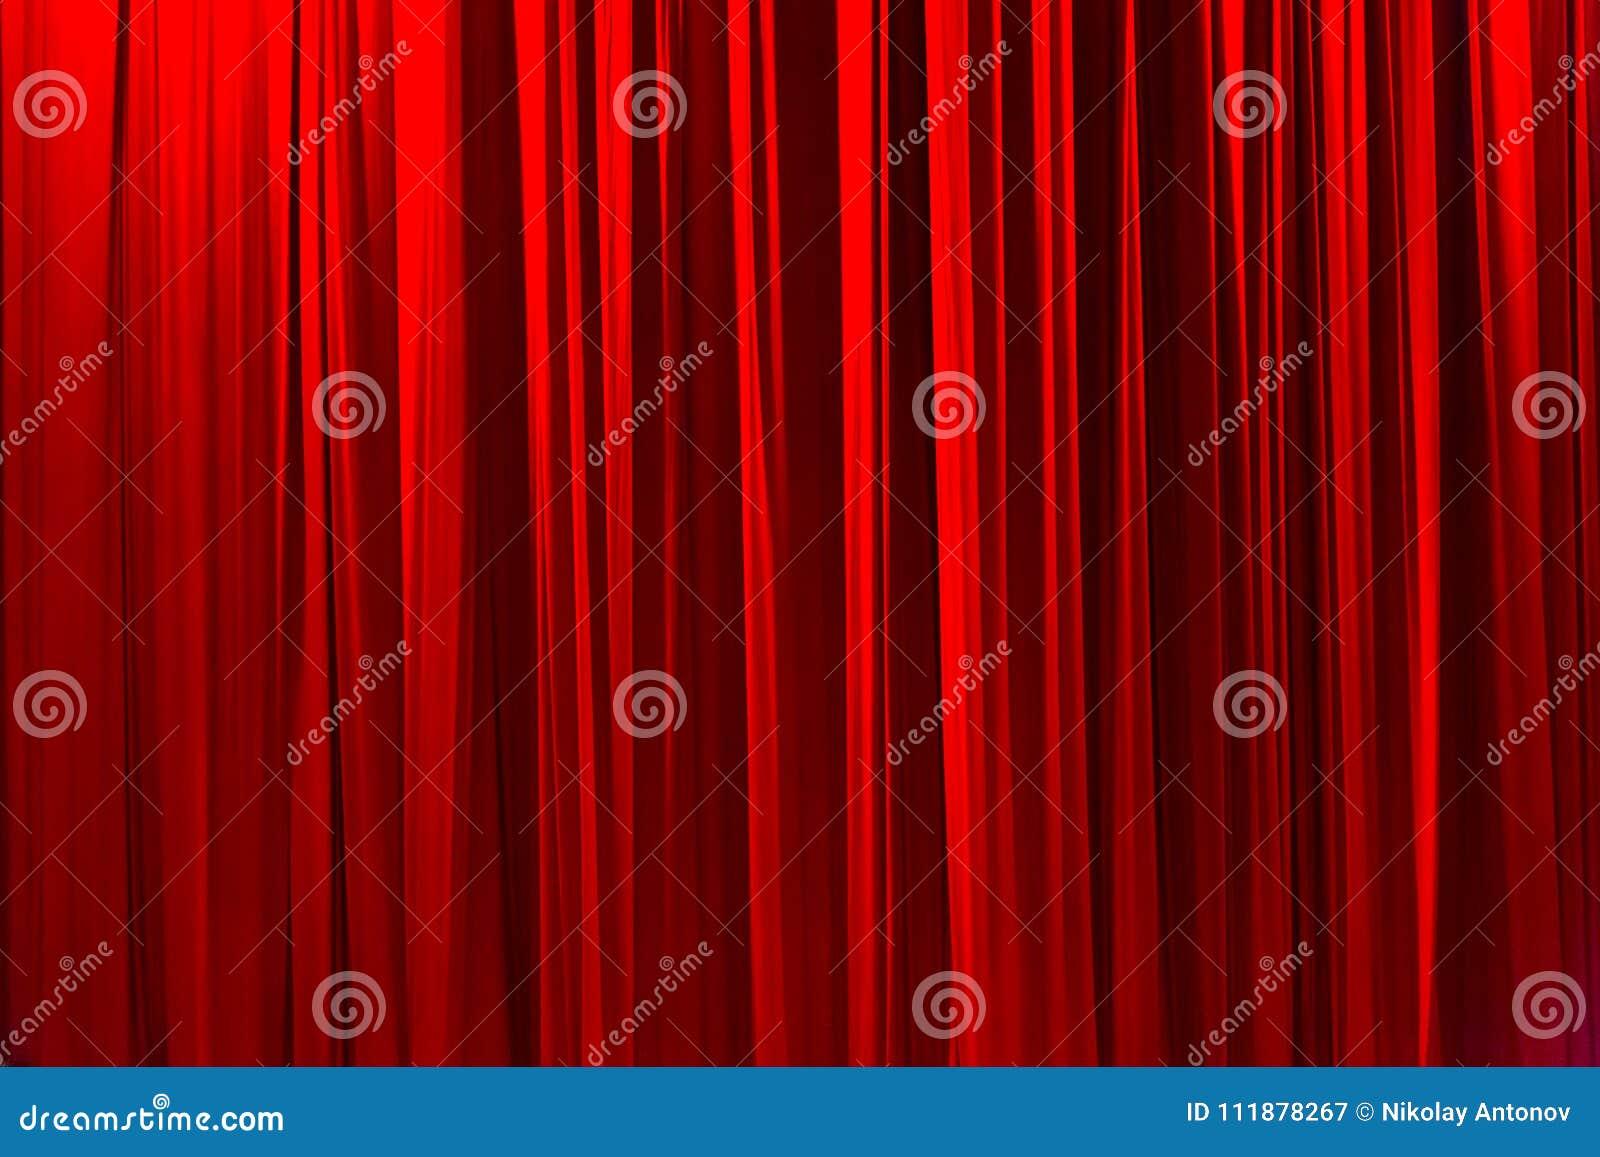 Roter gestreifter Vorhang im eleganten Beschaffenheitshintergrund des Theaters